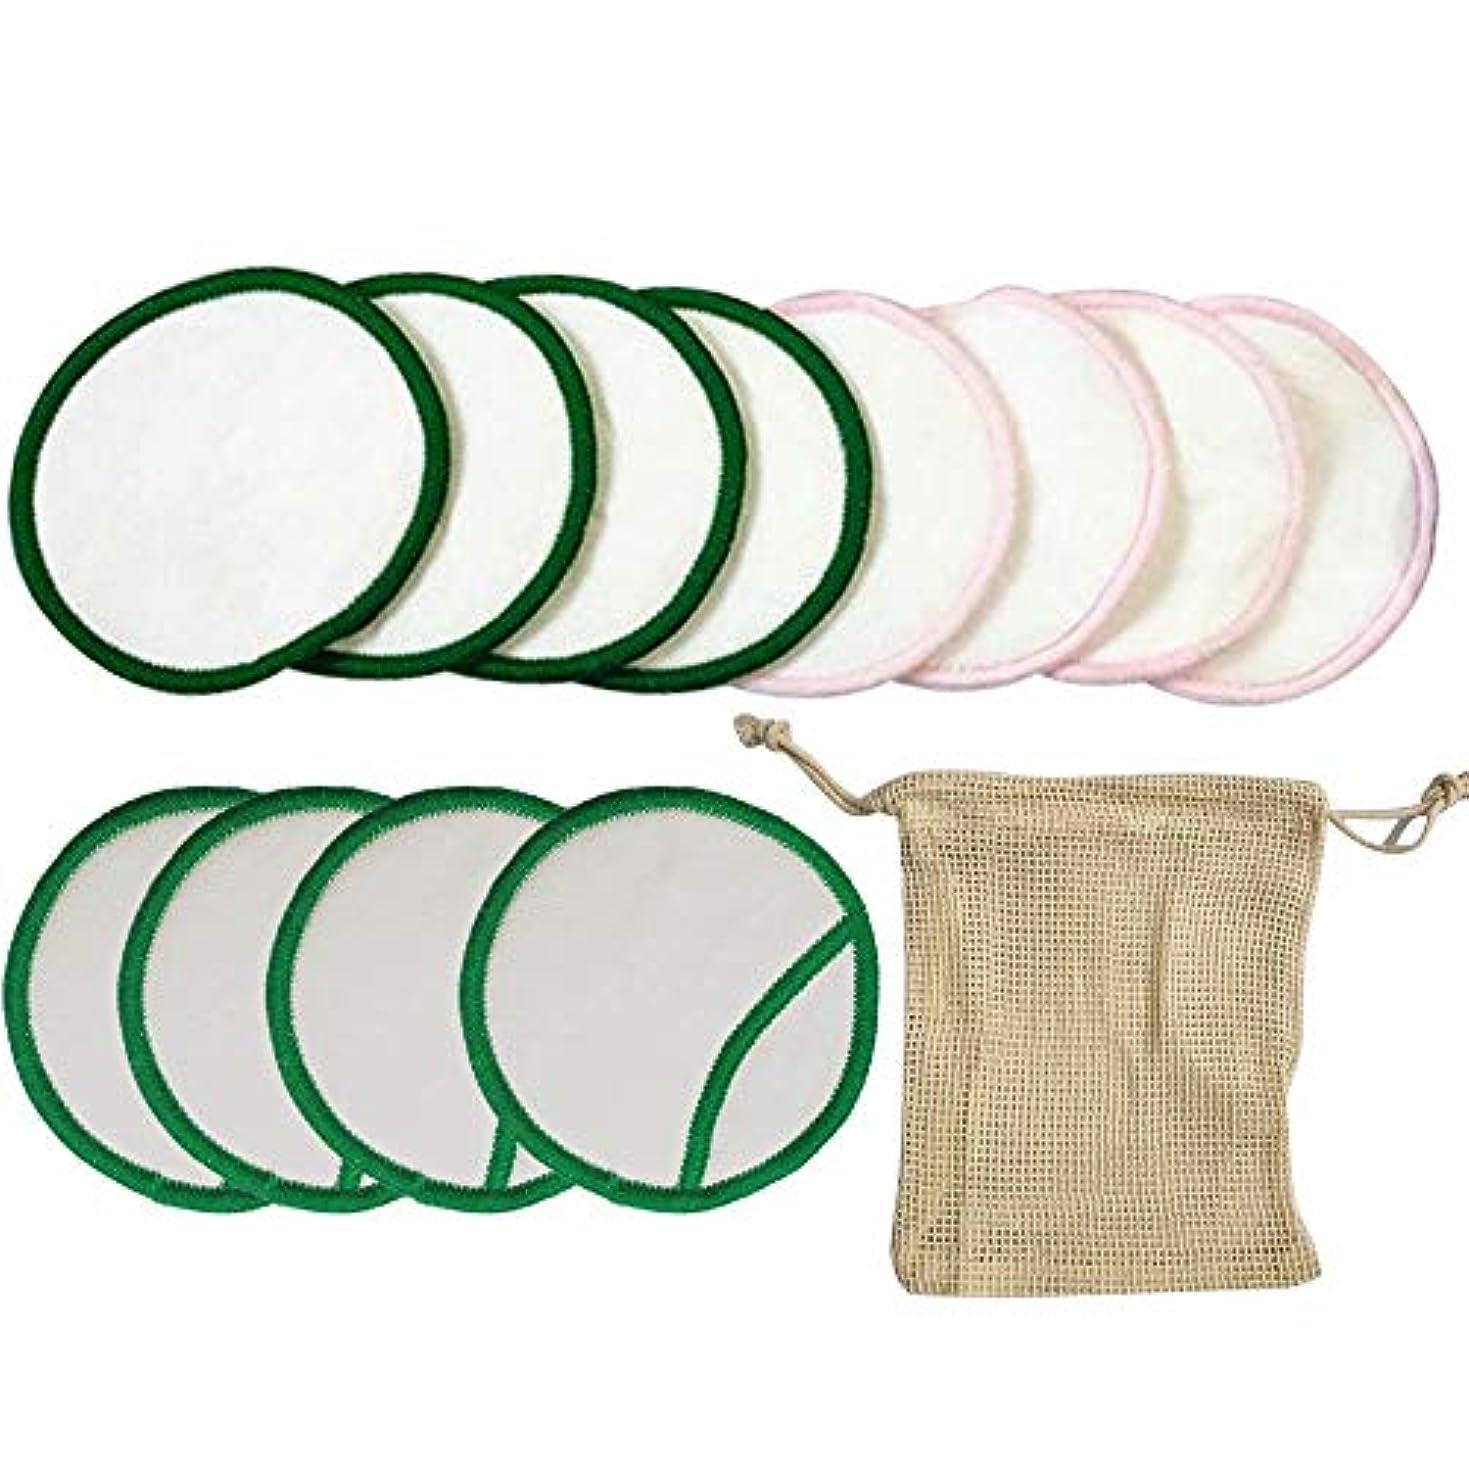 インフルエンザコミュニティエキゾチック12pcsメイクアップリムーバーパッド再利用可能な洗濯可能な3層竹フェイシャルクレンジングコットンワイプスキンケア用品用収納バッグ付き